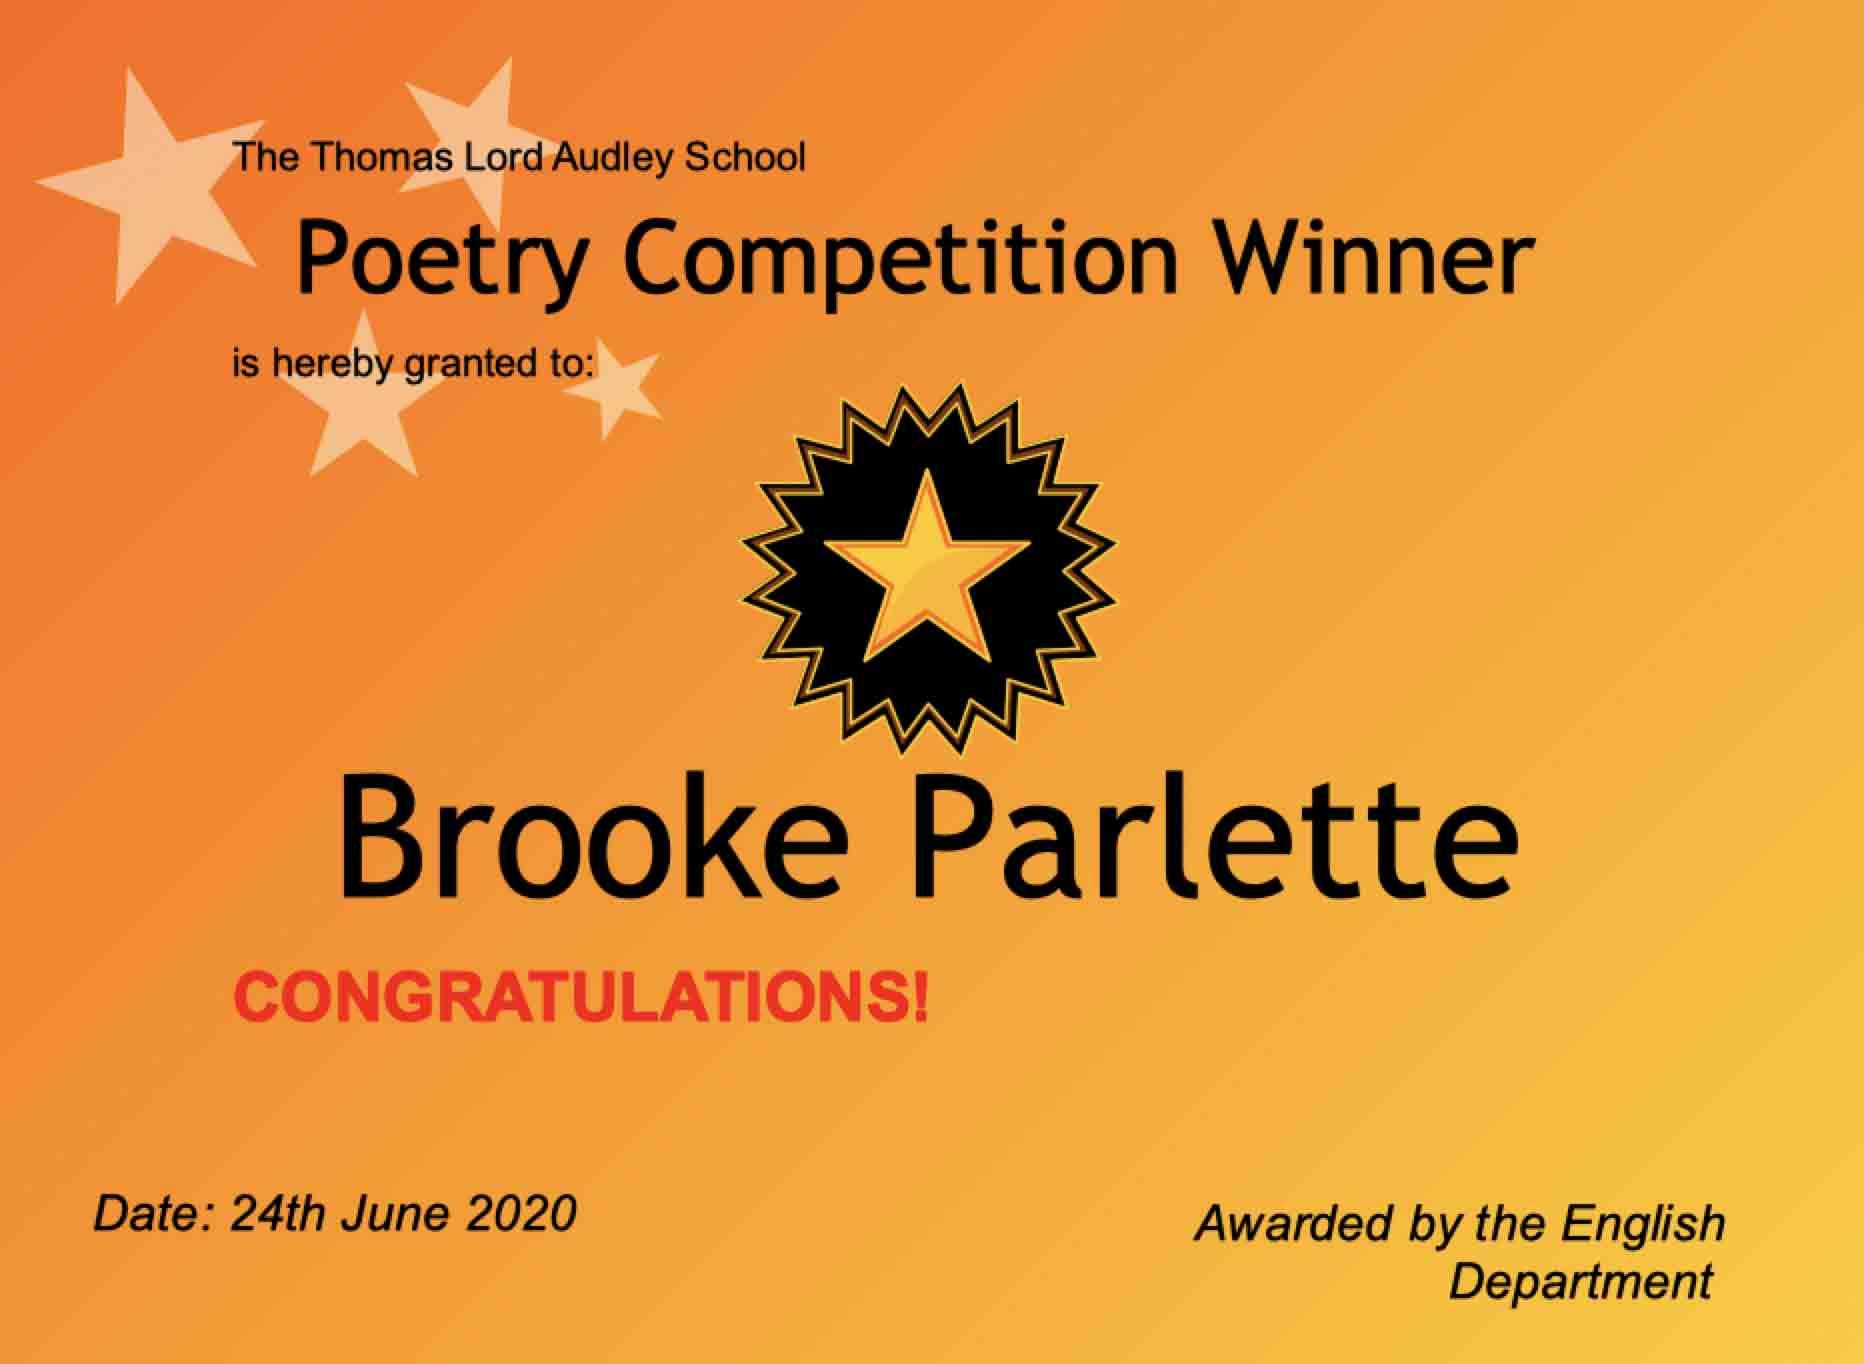 24/06/20 - Poetry Winner